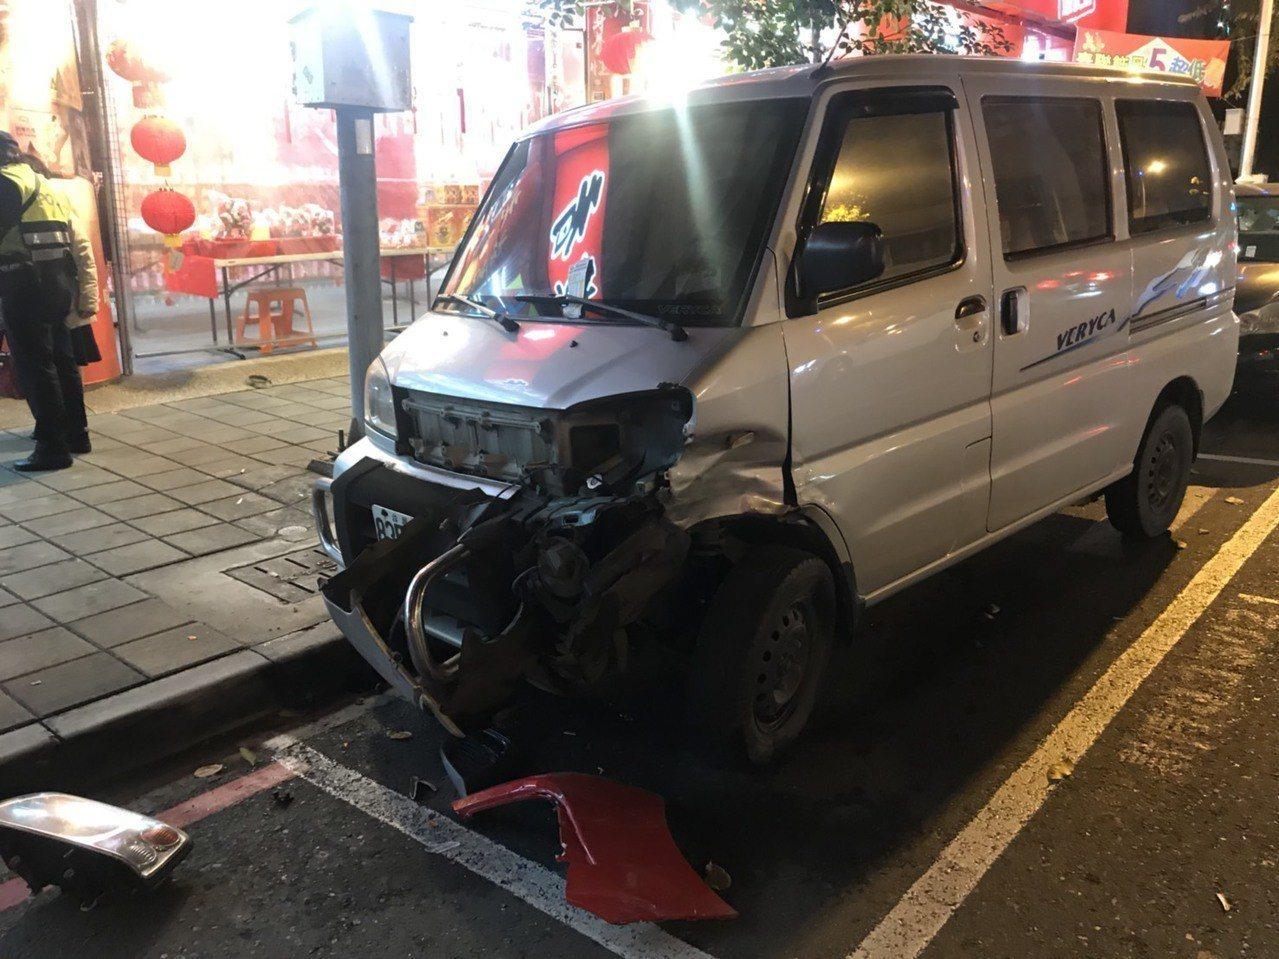 李姓老翁駕駛汽車衝進檀香店前,還先撞到停在路旁的貨車。記者劉星君/翻攝